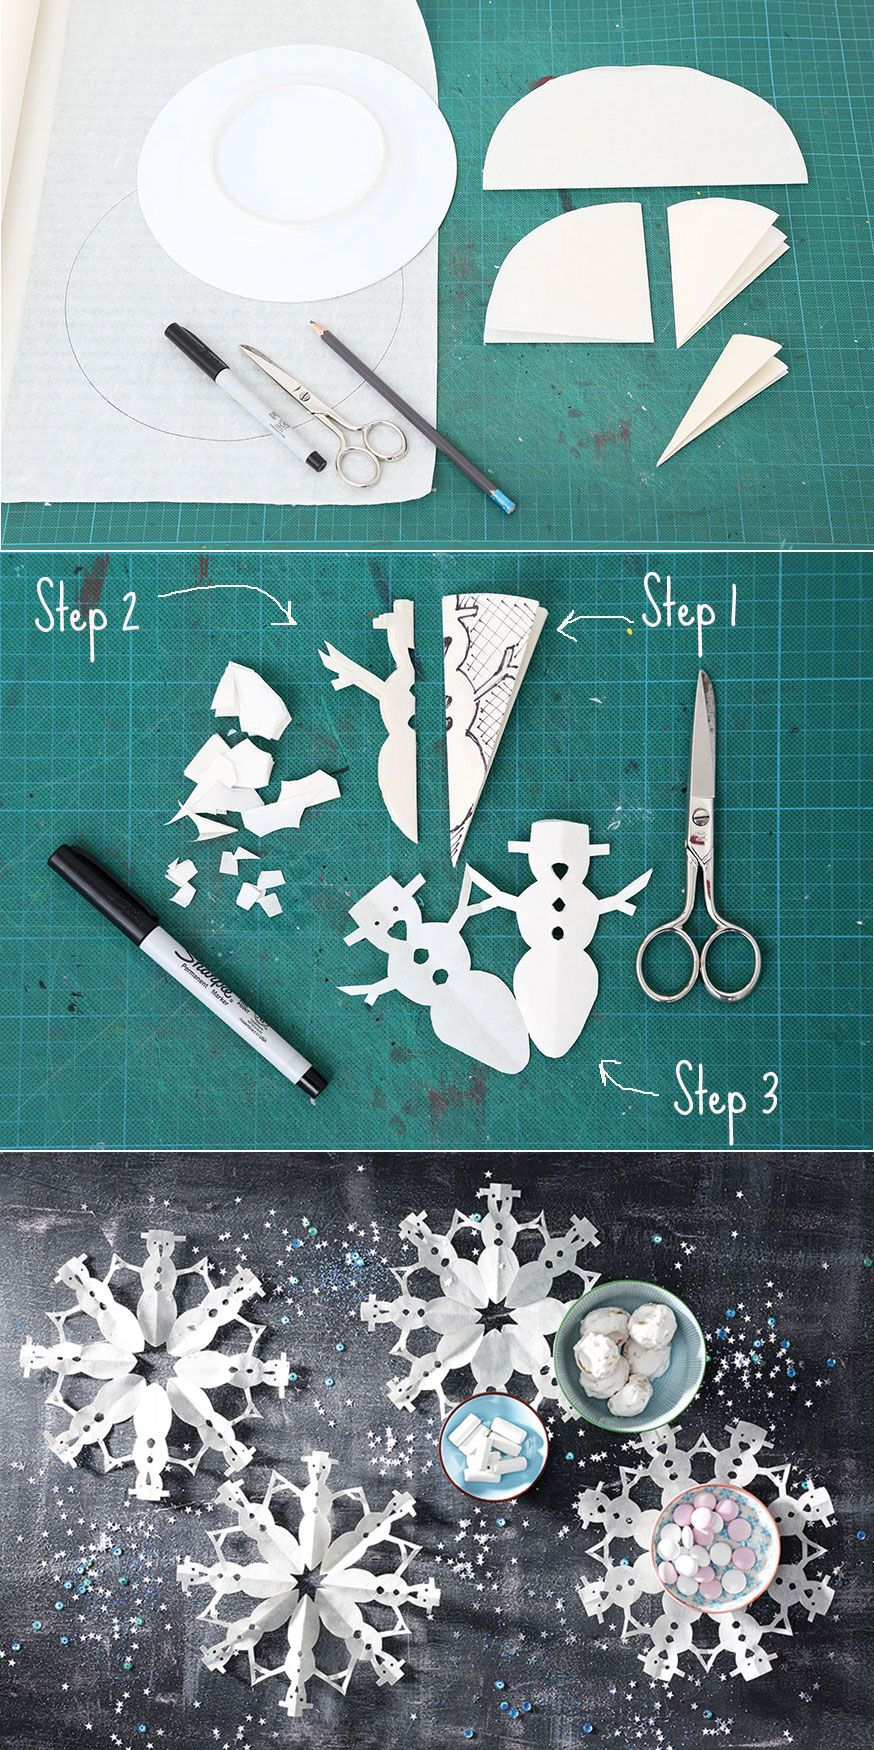 Die Schneemann-Schneeflocken sind hübsche Untersetzer für die Frozen-Geburtstagstafel.  • Umsetzung und Foto: Thordis Rüggeberg